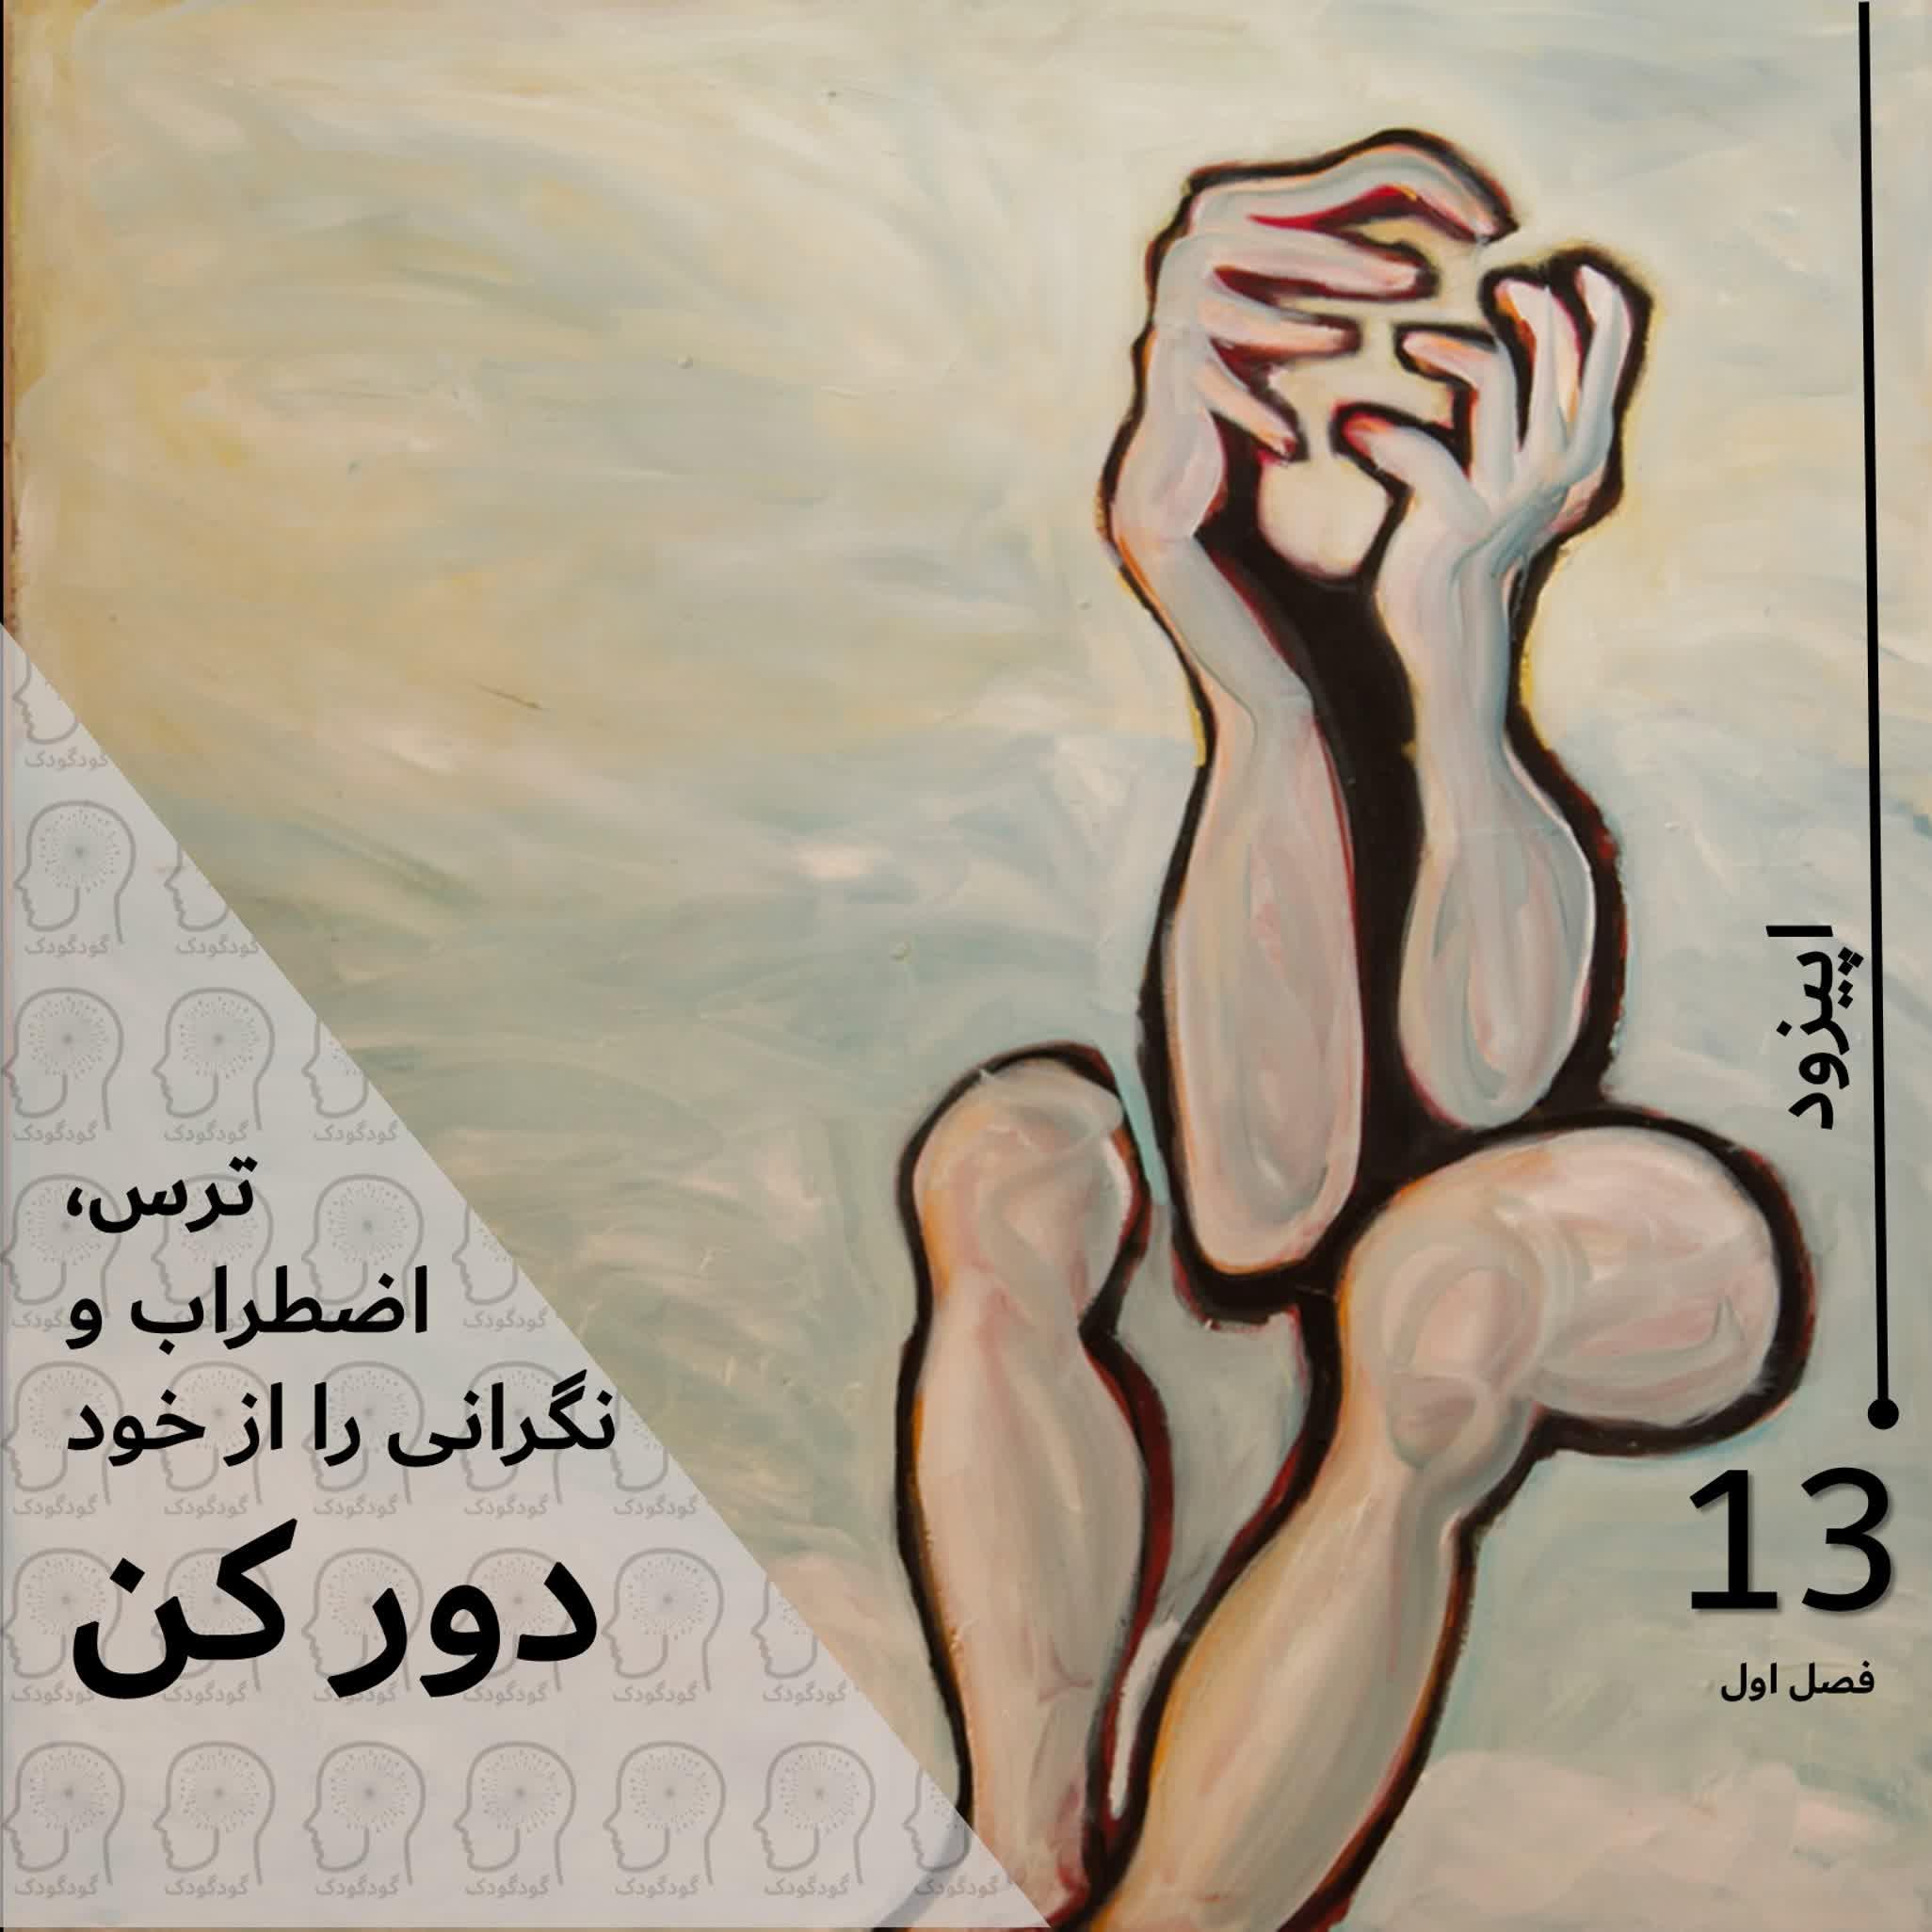 Ep13  ترس، اضطراب و نگرانی را از خود دور کن